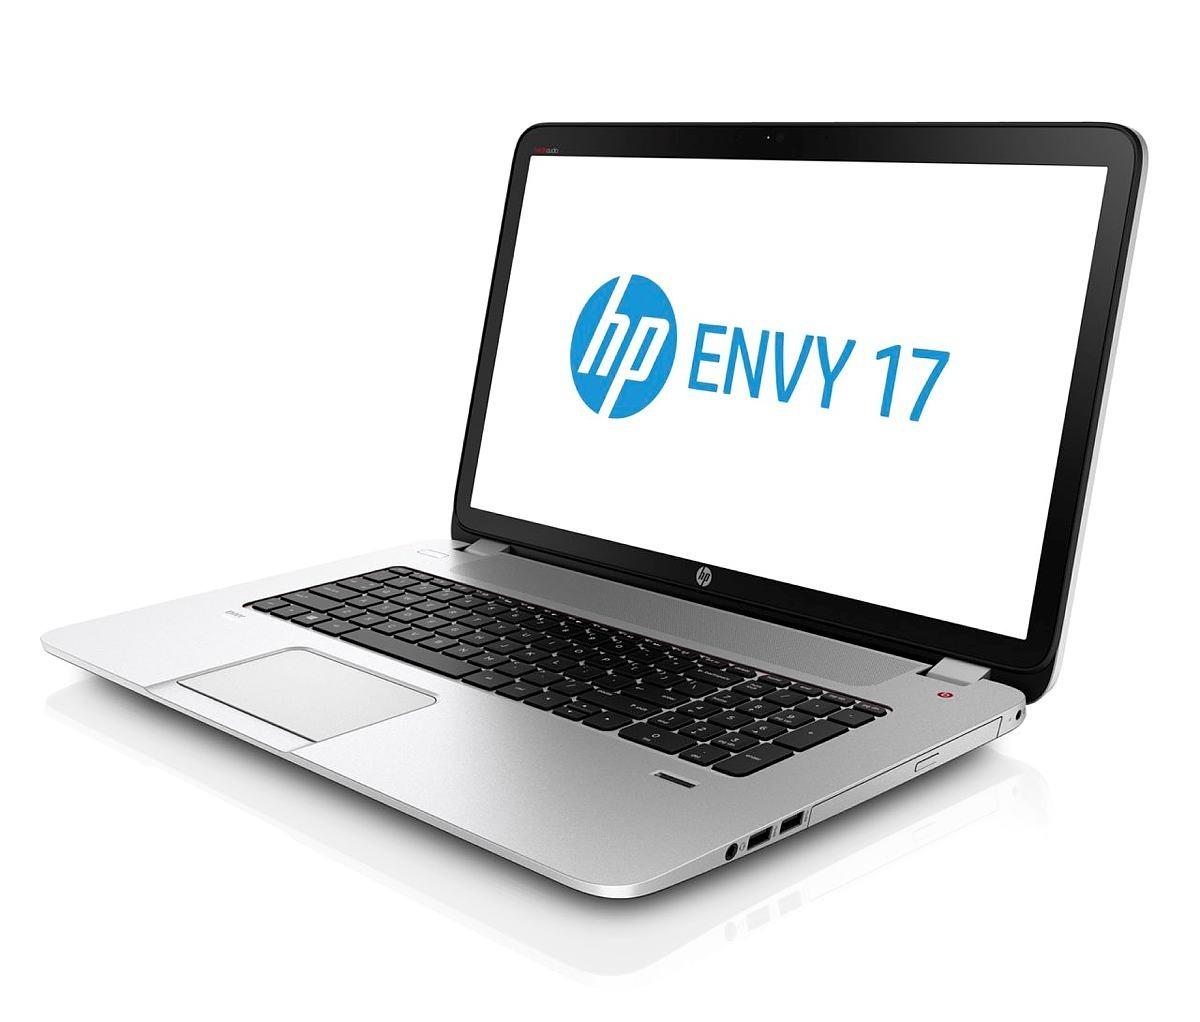 Sửa máy tính xách tay HP Envy 17-K201NA 17.3 inches uy tín hà nội